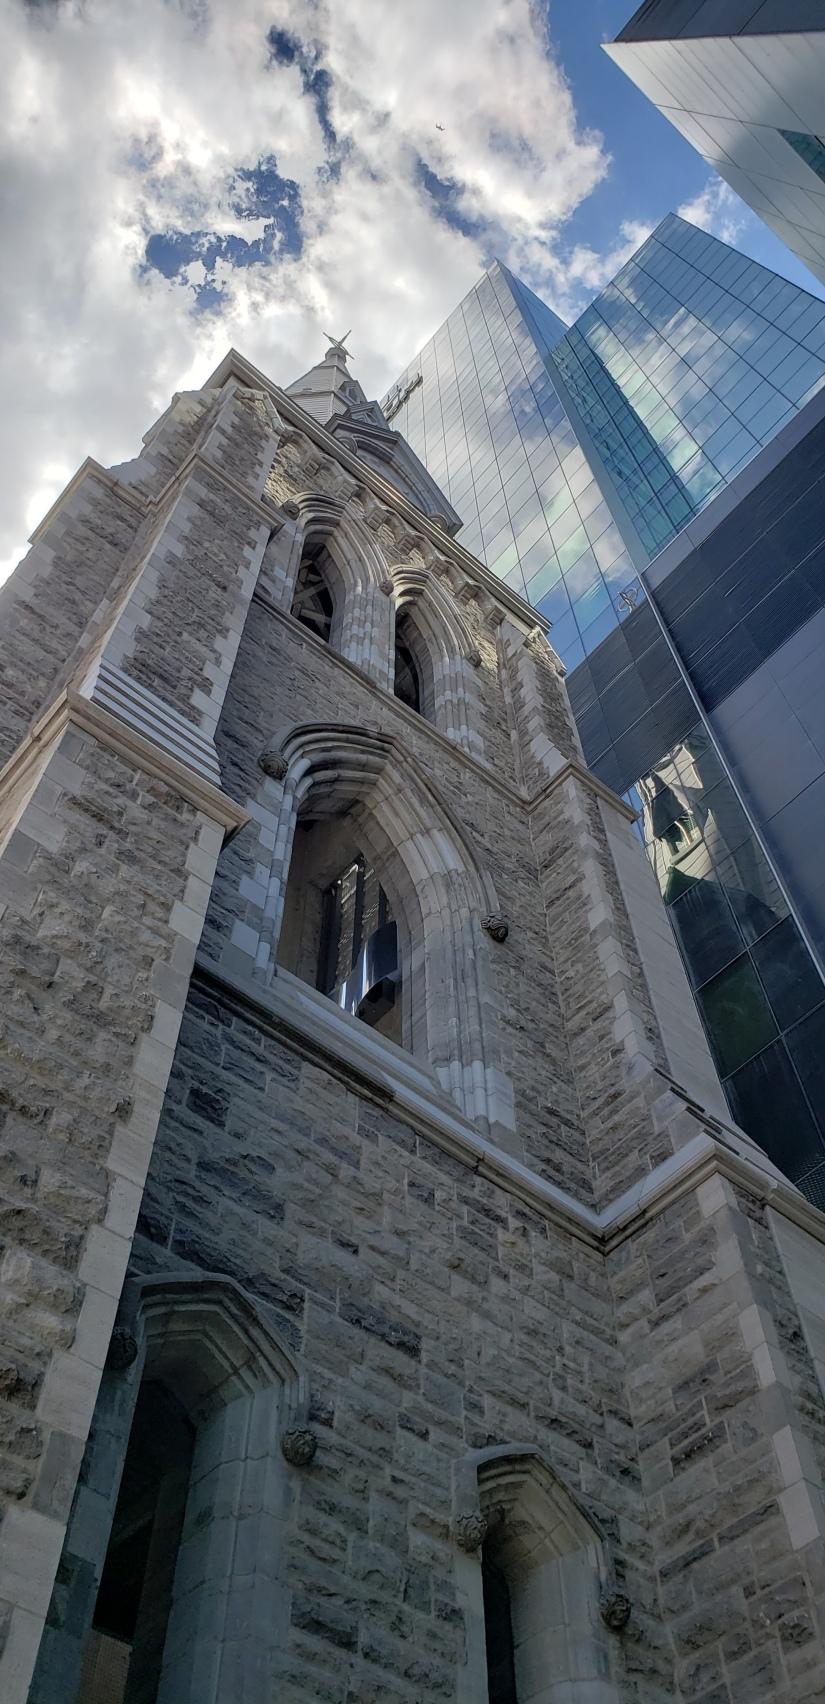 Tour et clocher-CHUM